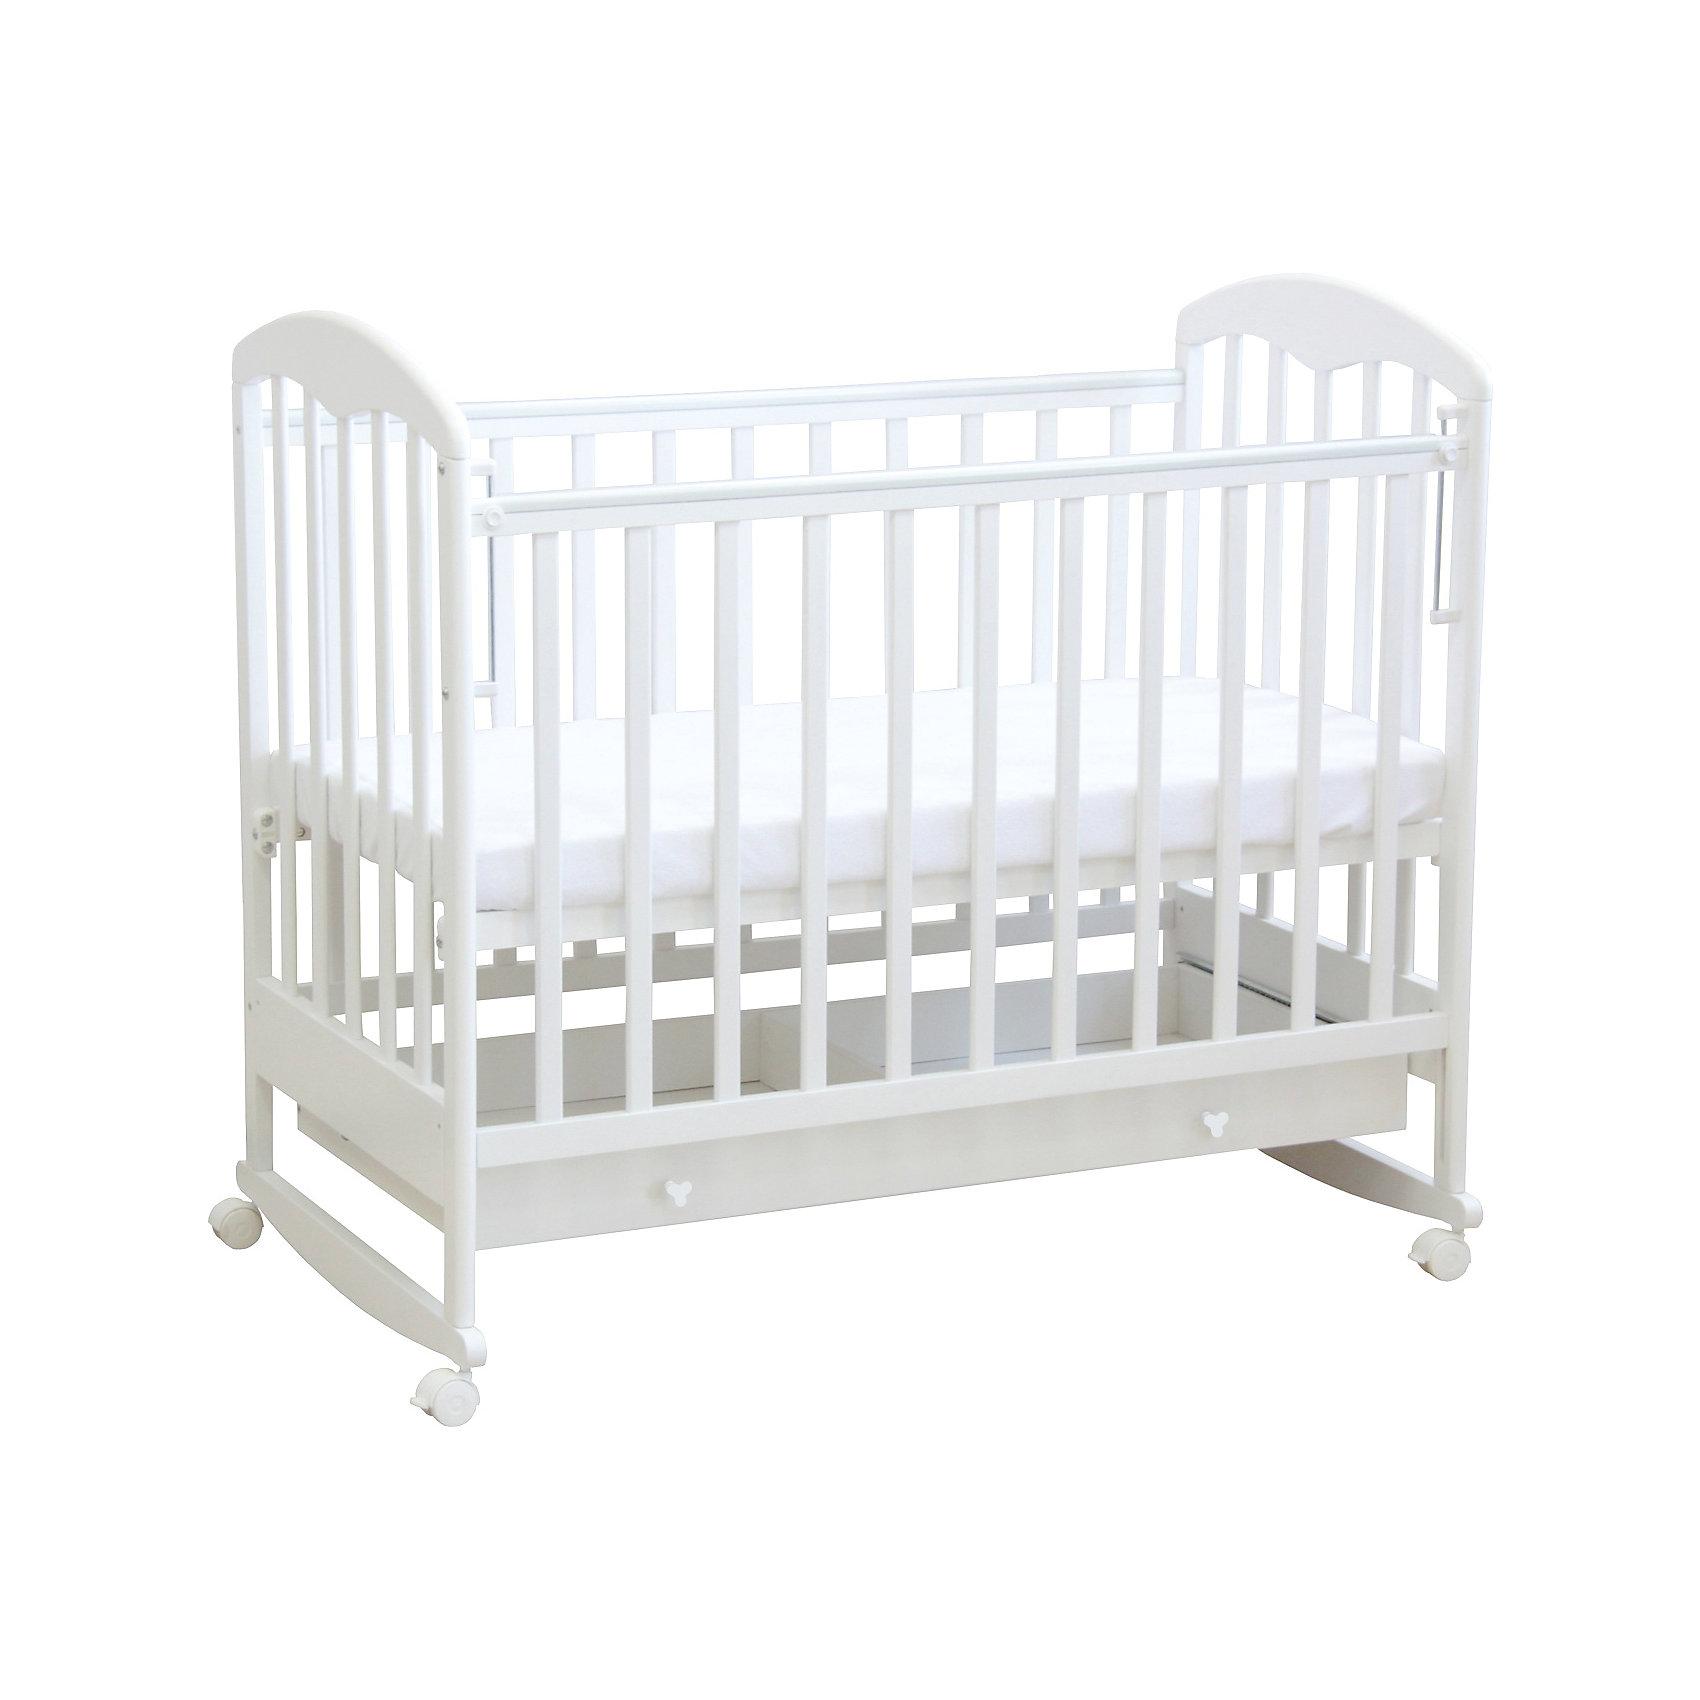 Кроватка 325, Фея, белыйКроватки<br>Кровать Фея - прекрасный вариант для малышей и их родителей. Модель имеет классический дизайн, дополненный практичным выдвижным ящиком внизу. Высота ложа регулируется в двух положениях - когда ваш кроха подрастет, опустите дно кровати и не беспокойтесь о том, что юный непоседа сможет самостоятельно выбраться из своего гнездышка. Модель имеет колесики, с помощью которых ее удобно перемещать по комнате, при желании колеса можно снять, преобразовав кровать в качалку. При помощи специального механизма передняя стенка легко и быстро опускается даже одной рукой. <br>Кровать выполнена из натурального массива березы, с использованием абсолютно безопасных и нетоксичных для детей материалов. <br><br>Дополнительная информация:<br><br>- Материал: дерево (массив березы).<br>- Размеры: 124,8х75х103,7 см.<br>- Для матраса размером: 60 х 120 см.<br>- Ложе регулируется в 2-х положениях.<br>- Передняя стенка опускается (механизм Кнопка).<br>- Накладки из ПВХ.<br>- Ортопедическое основание.<br>- Реечные стенки.<br>- Практичный выдвижной ящик внизу. <br>- Съемные колеса.<br>- Качалка. <br><br>Кроватку 325, Фея, белую, можно купить в нашем магазине.<br><br>Ширина мм: 1120<br>Глубина мм: 1248<br>Высота мм: 744<br>Вес г: 23900<br>Возраст от месяцев: 0<br>Возраст до месяцев: 36<br>Пол: Унисекс<br>Возраст: Детский<br>SKU: 4796980